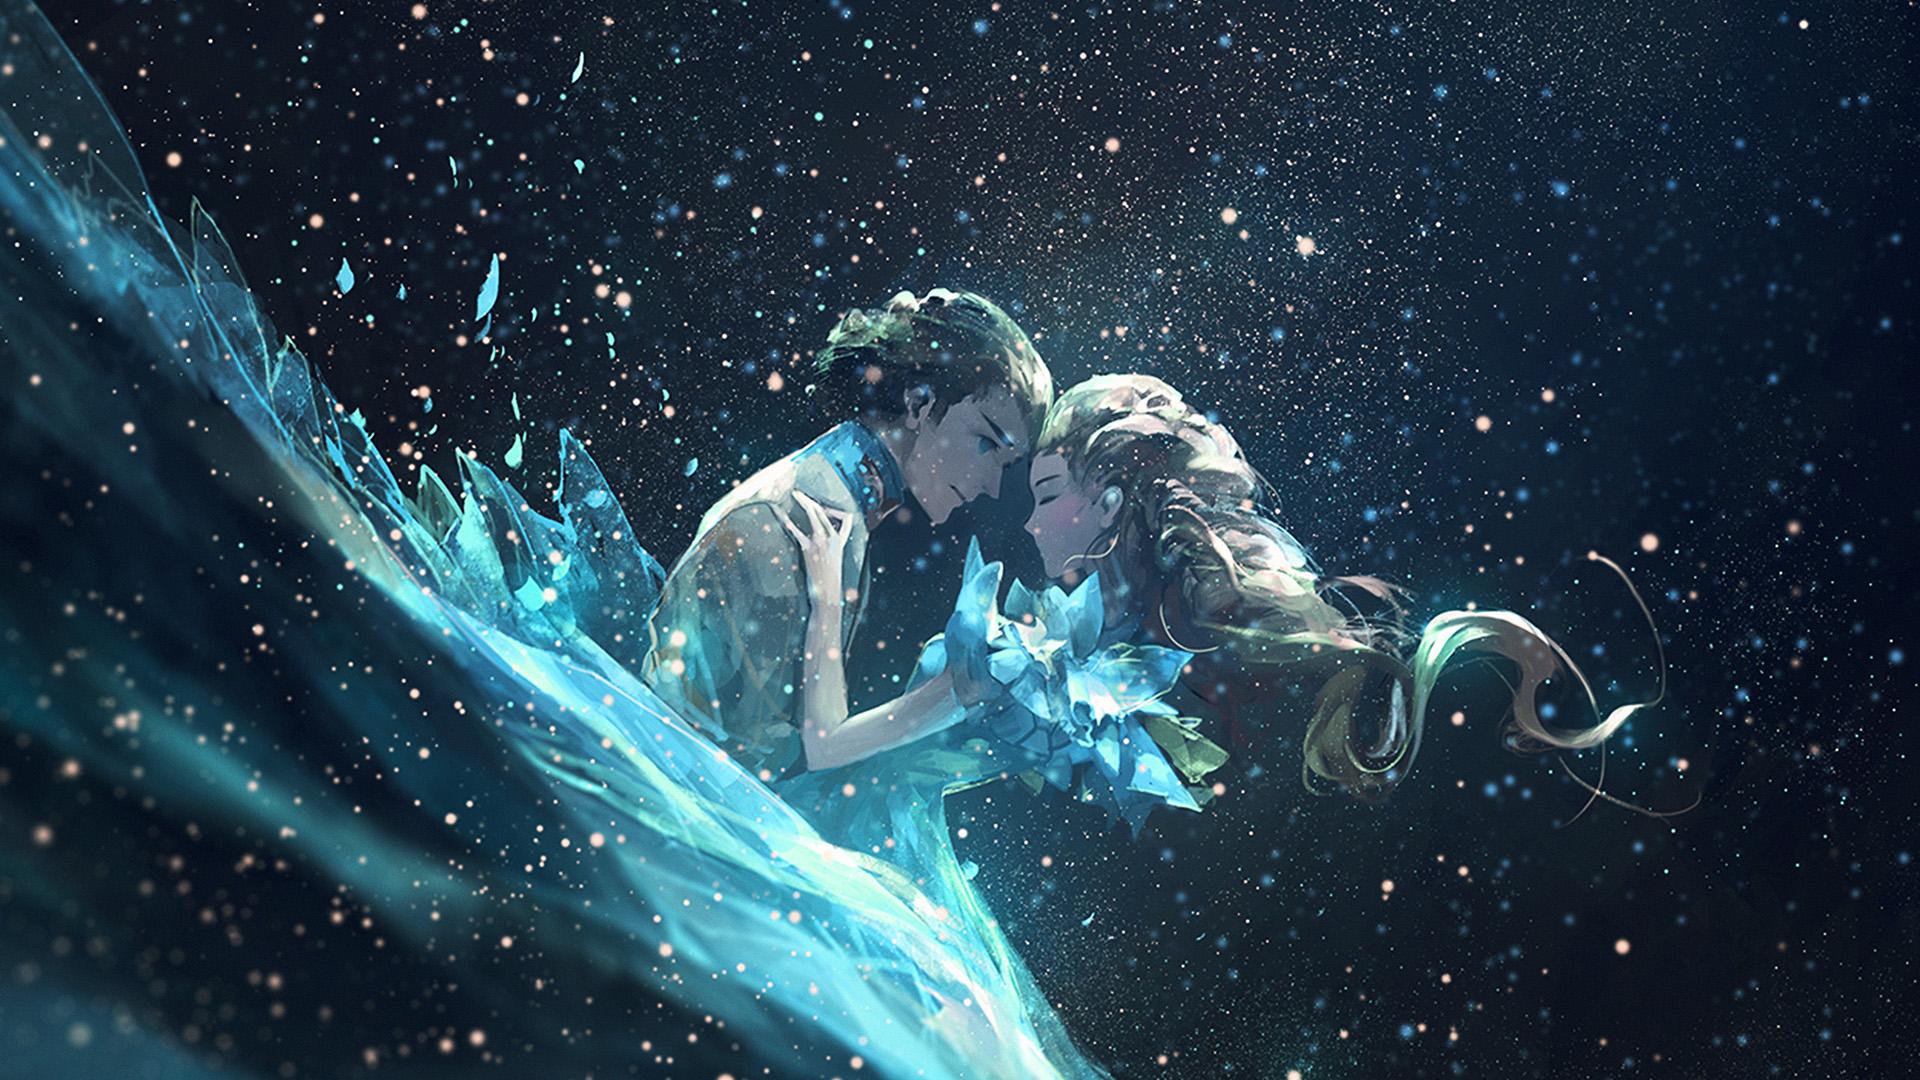 Av44 Anime Kiss Love Green Girl Boy Illustration Art Wallpaper